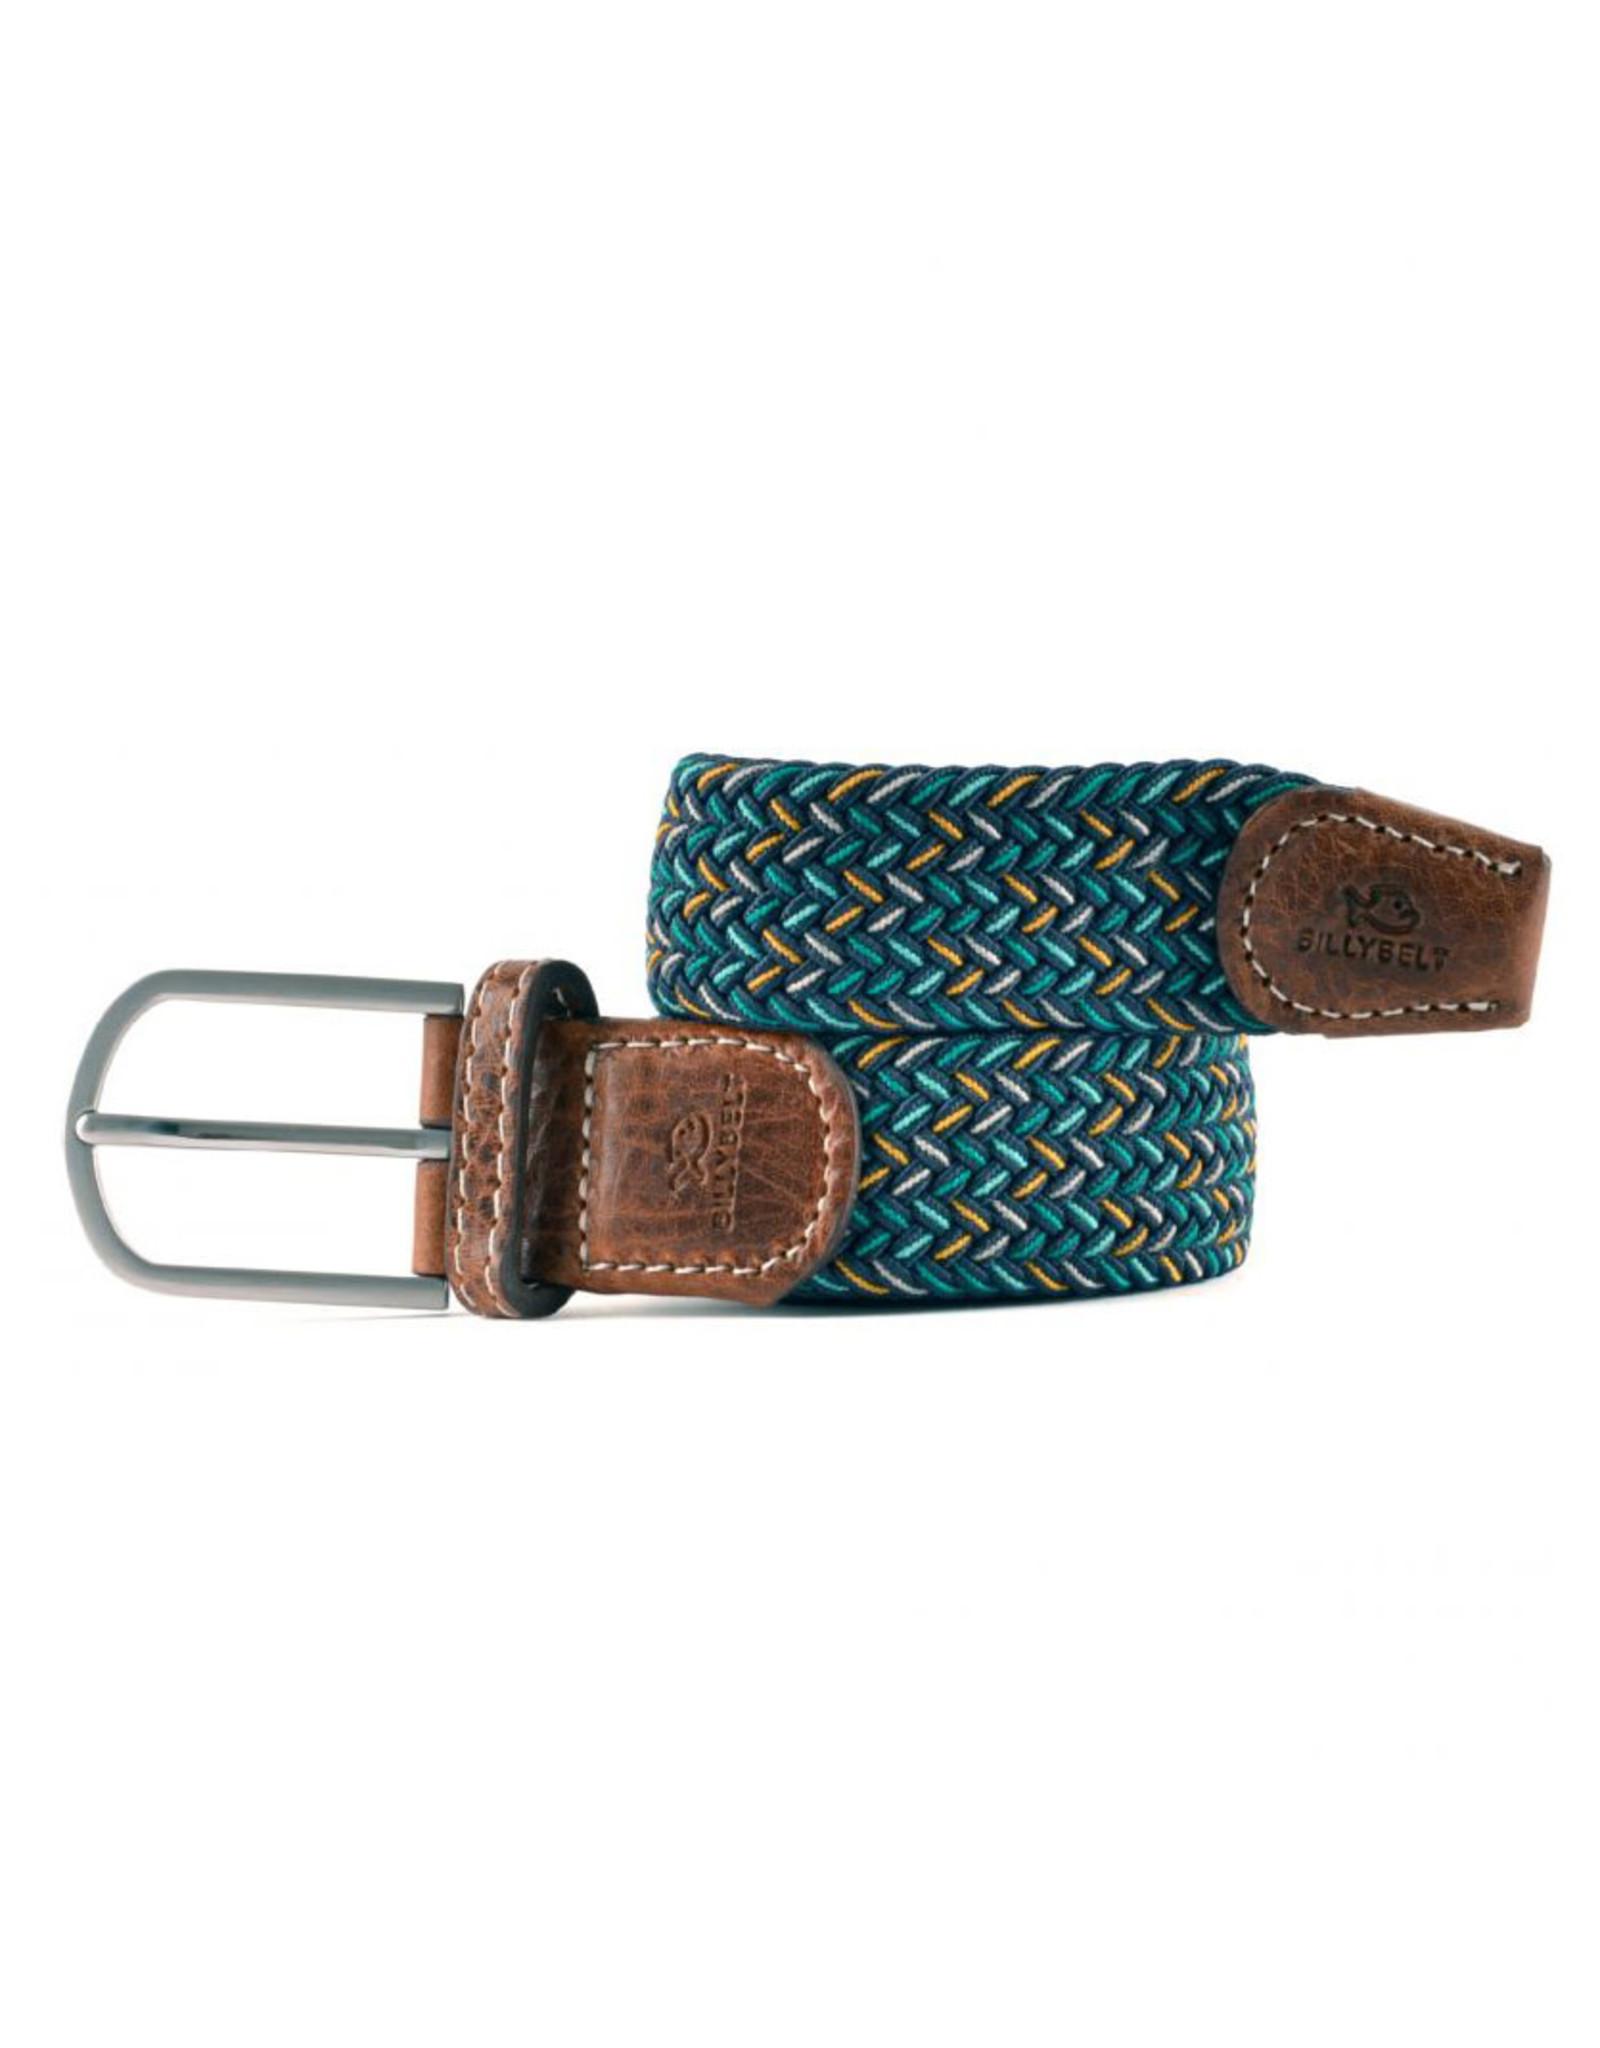 Riem visgraat donkerblauw/groen/geel/grijs T1